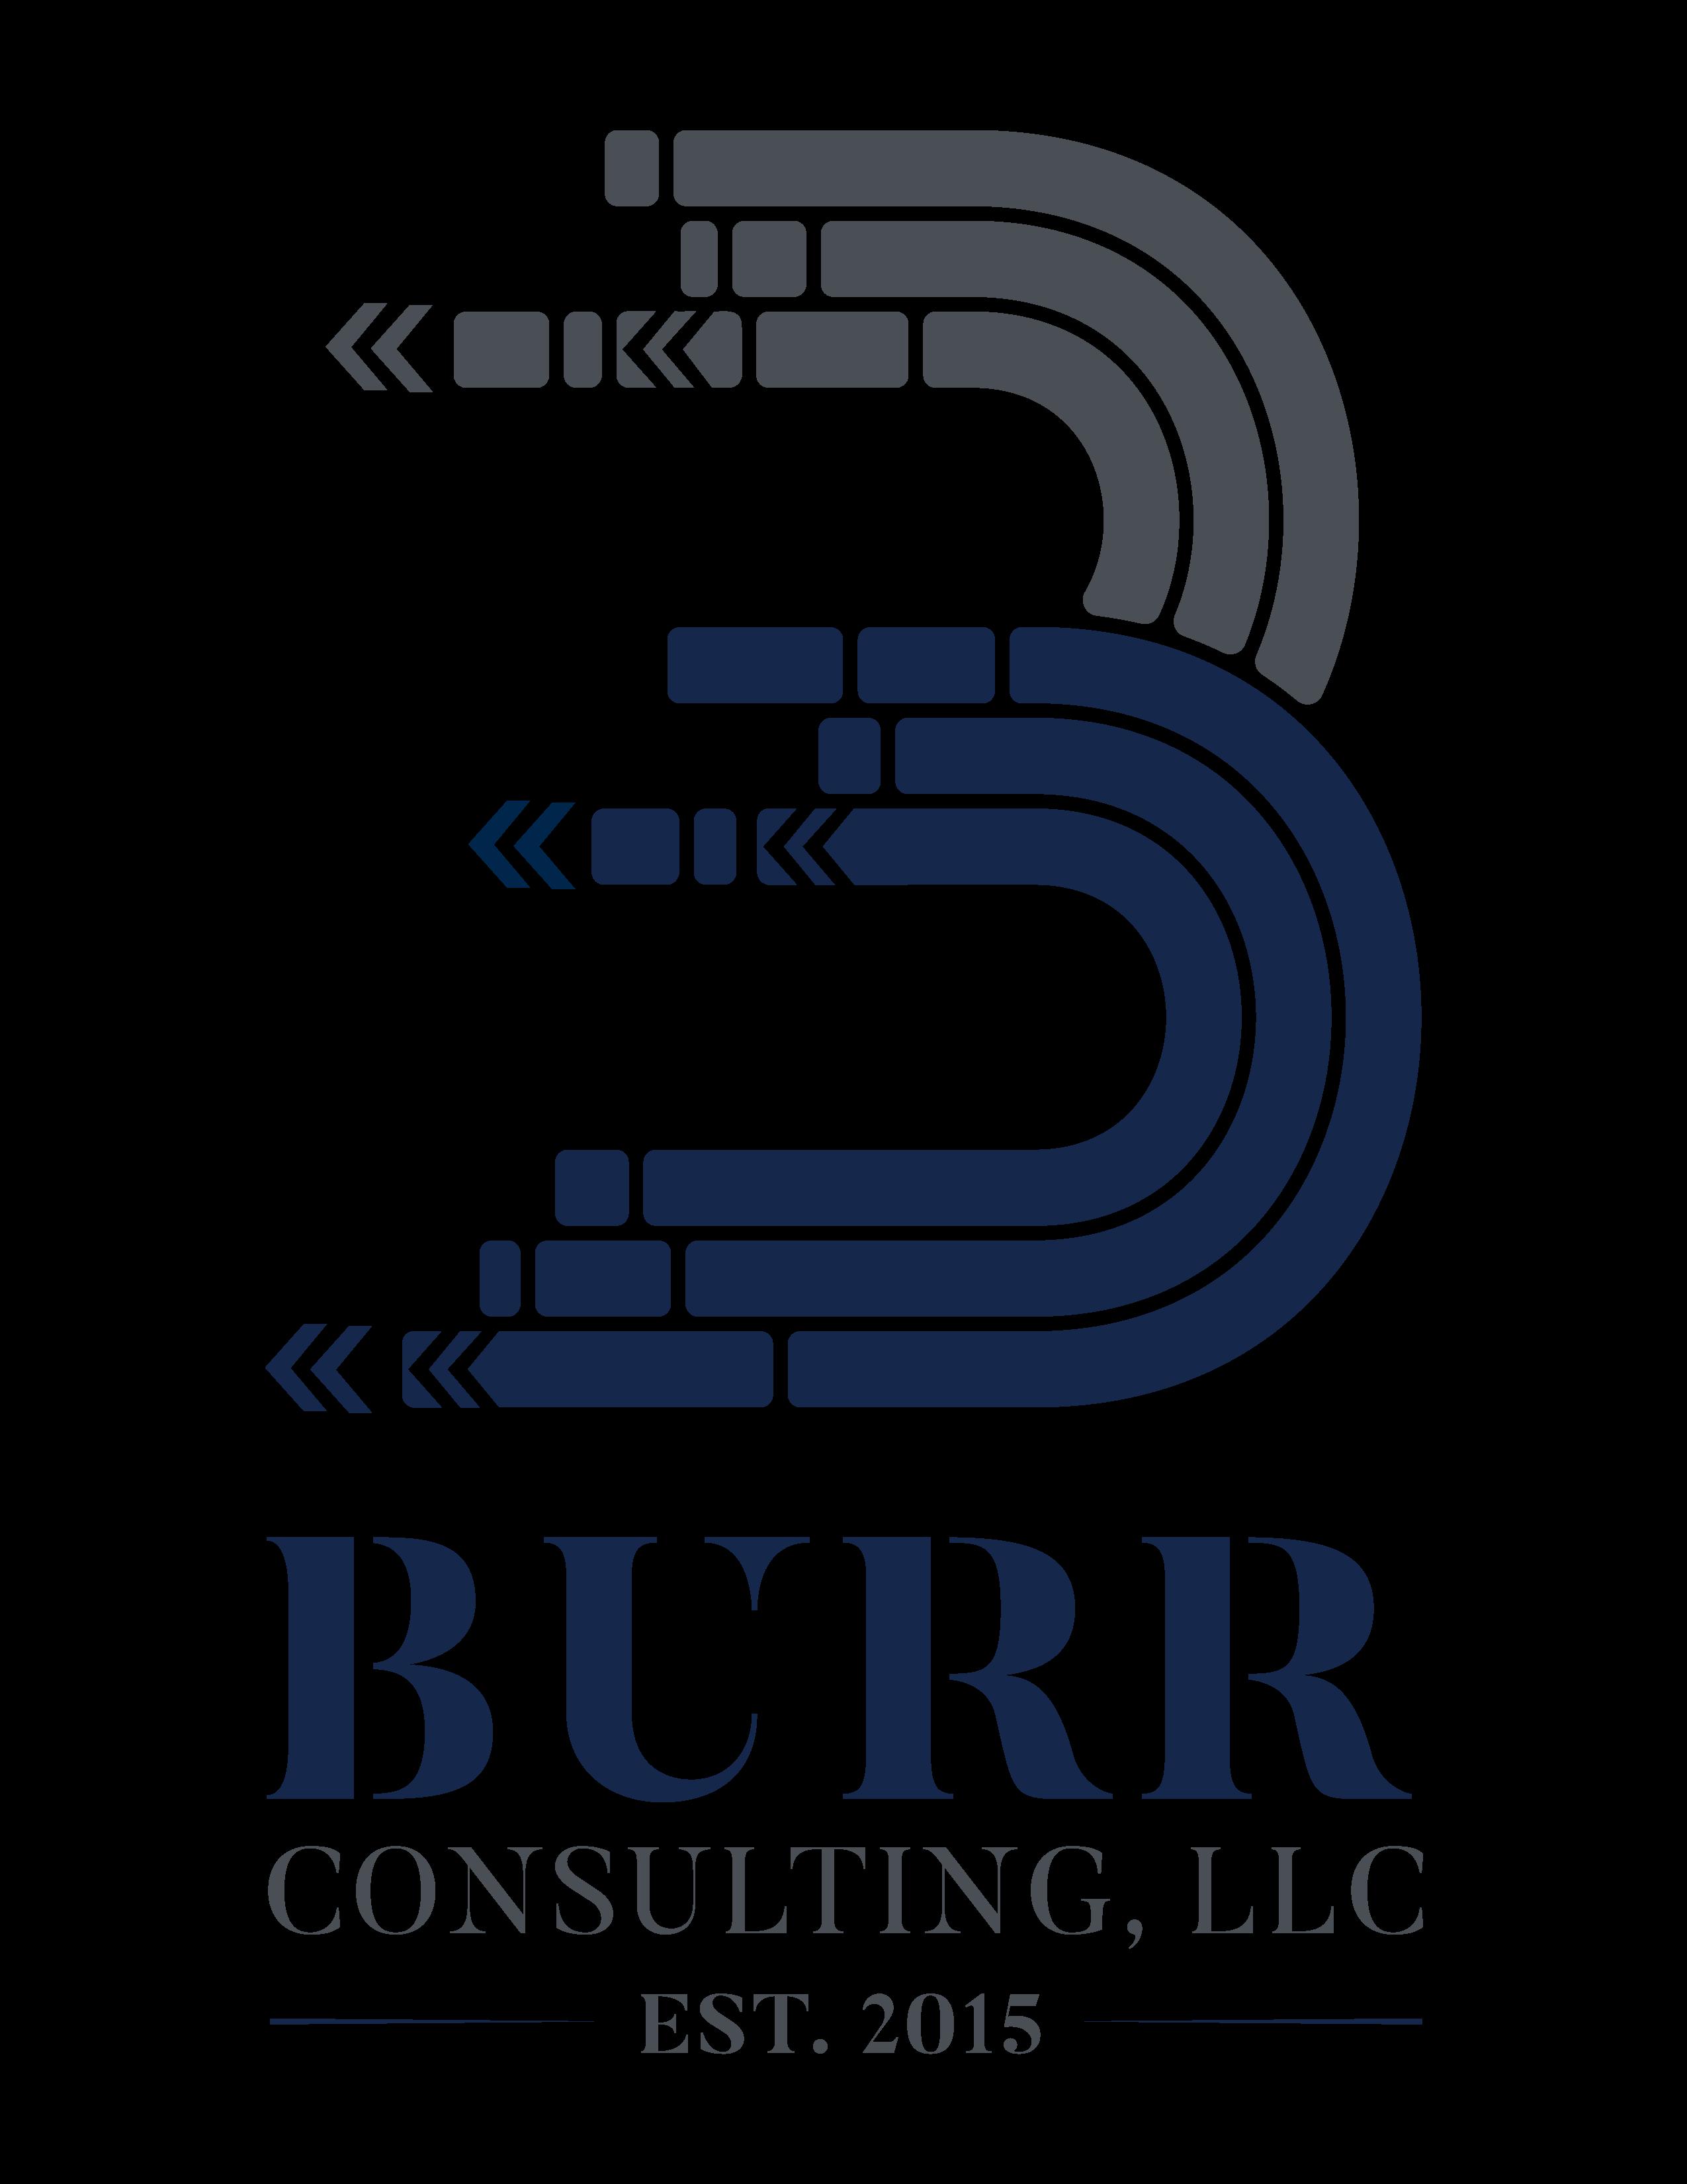 BURR CONSULTING, LLC